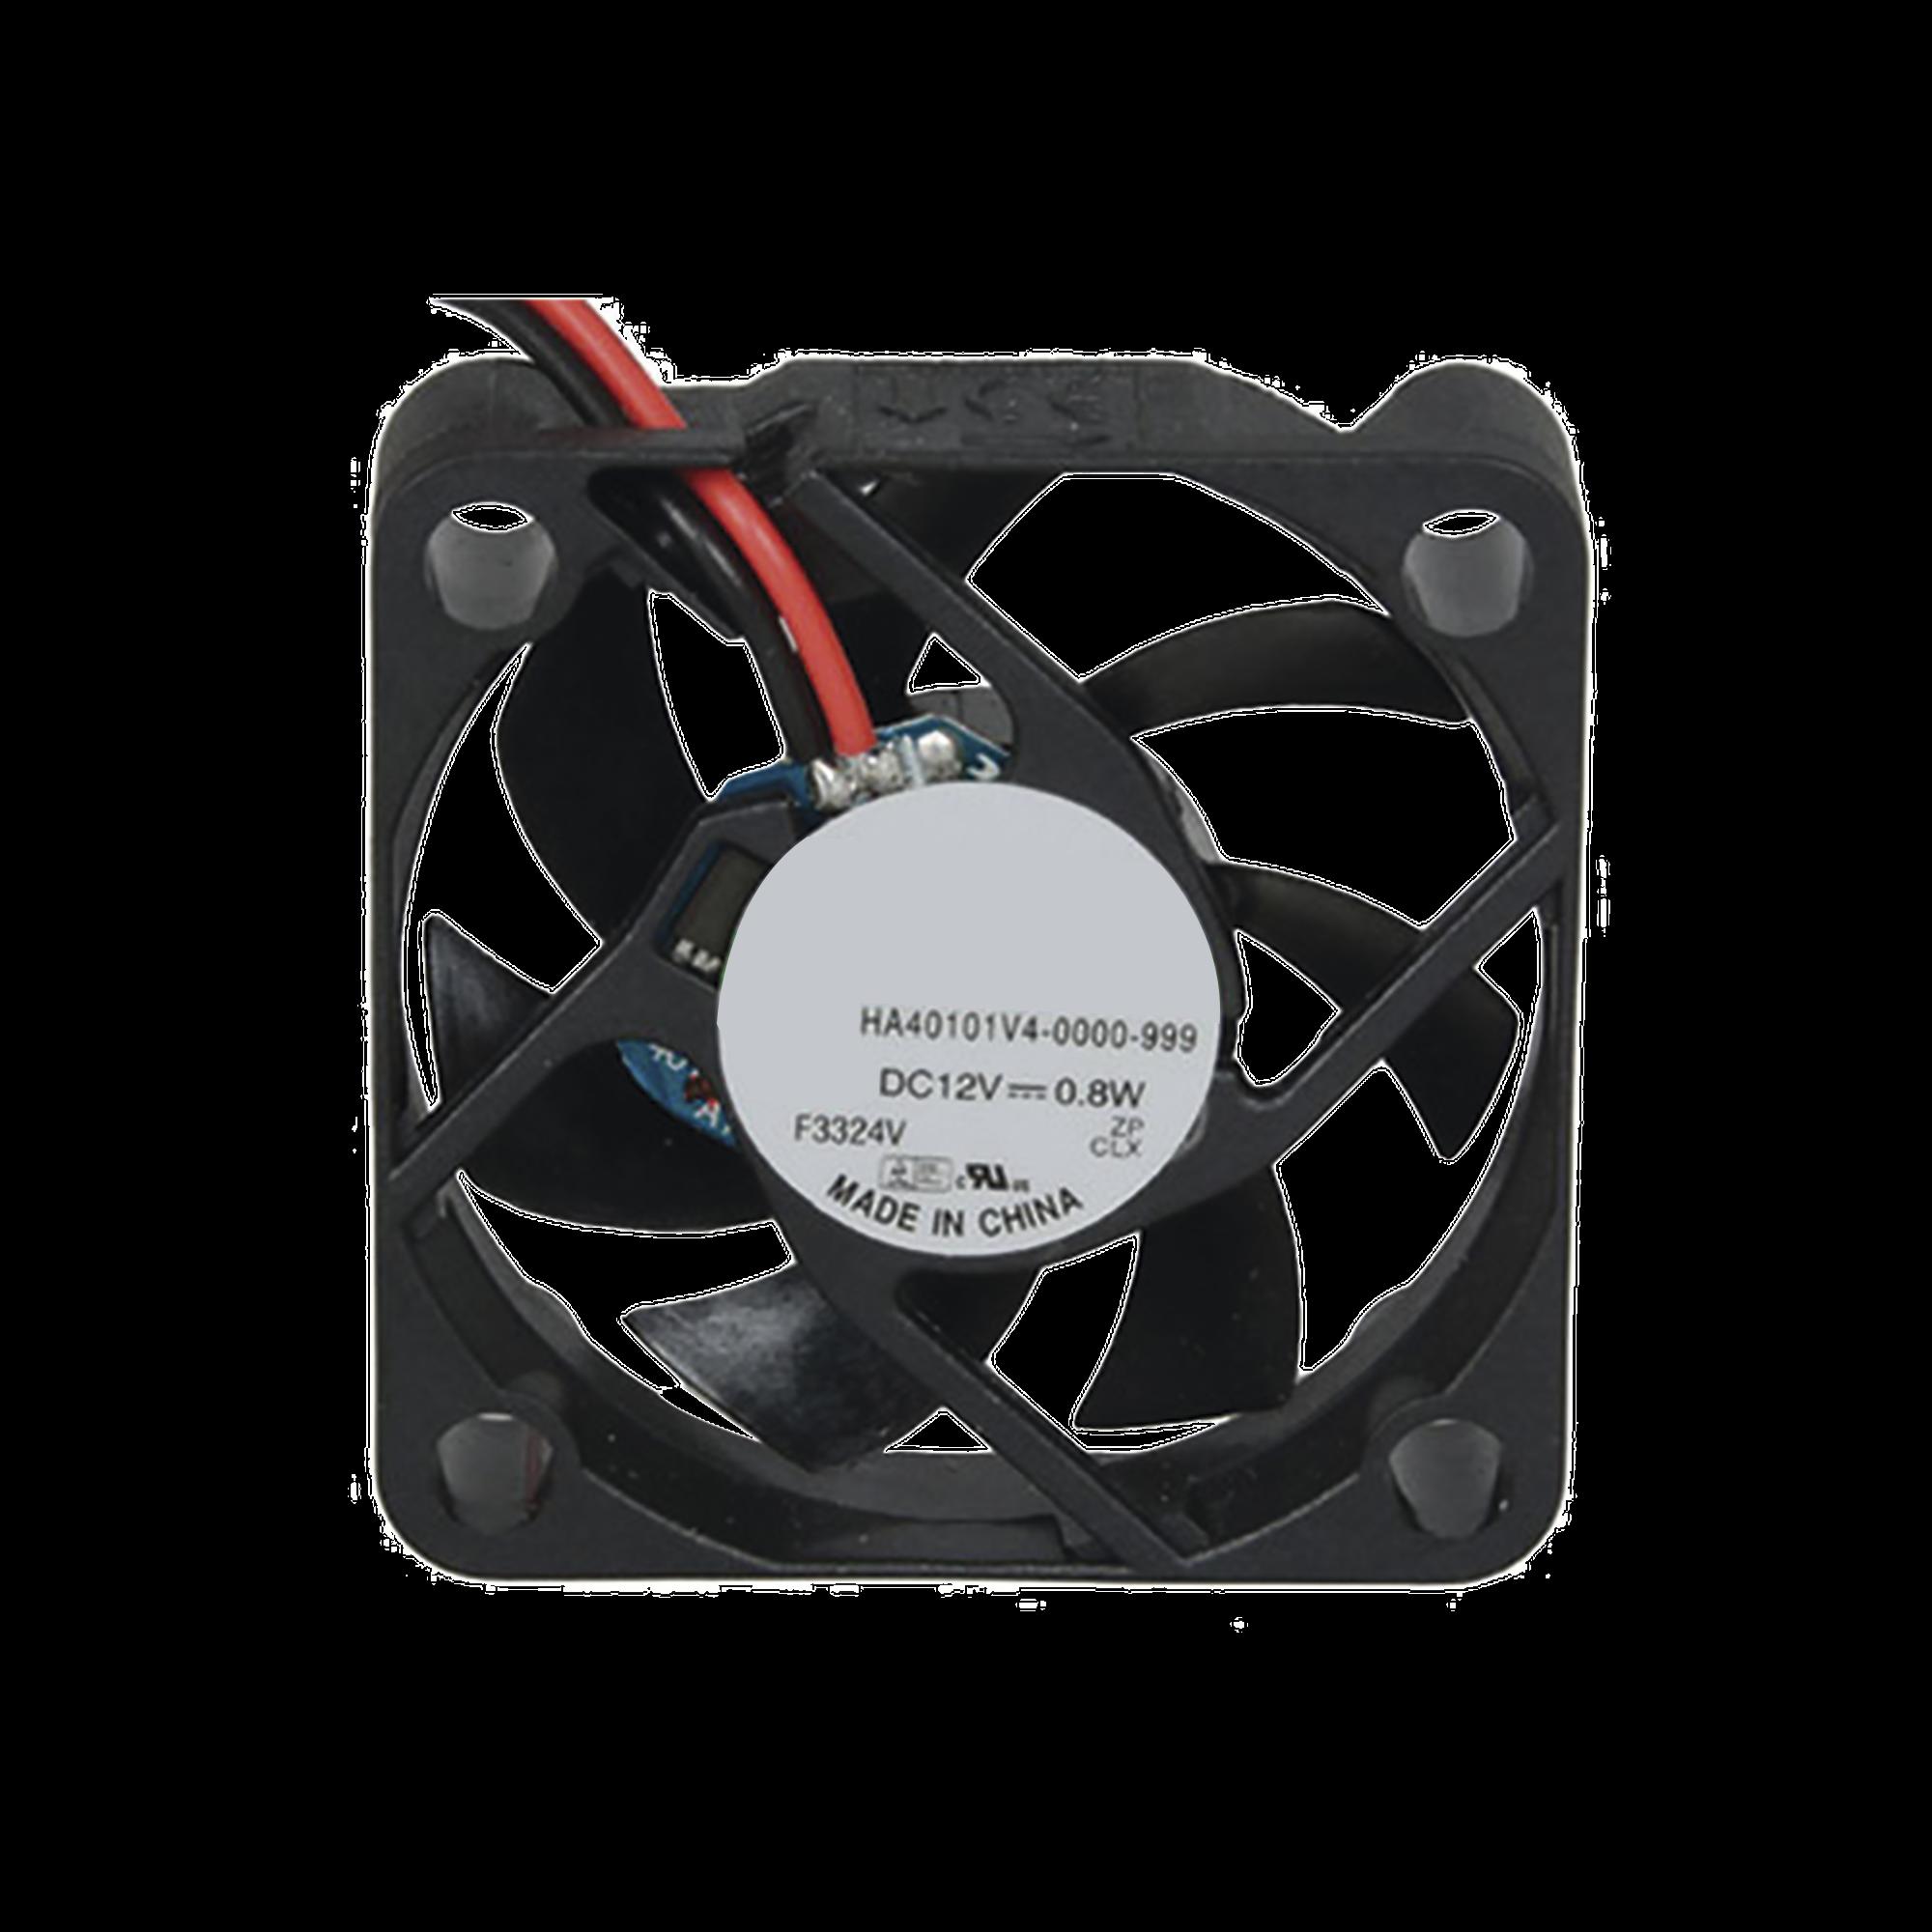 Ventilador Anticondensante Axial de 12Vcd, 40x40x10 mm, 0.8 Watt, 65 mA, flujo de aire de 5.3 CFM, sin escobillas.